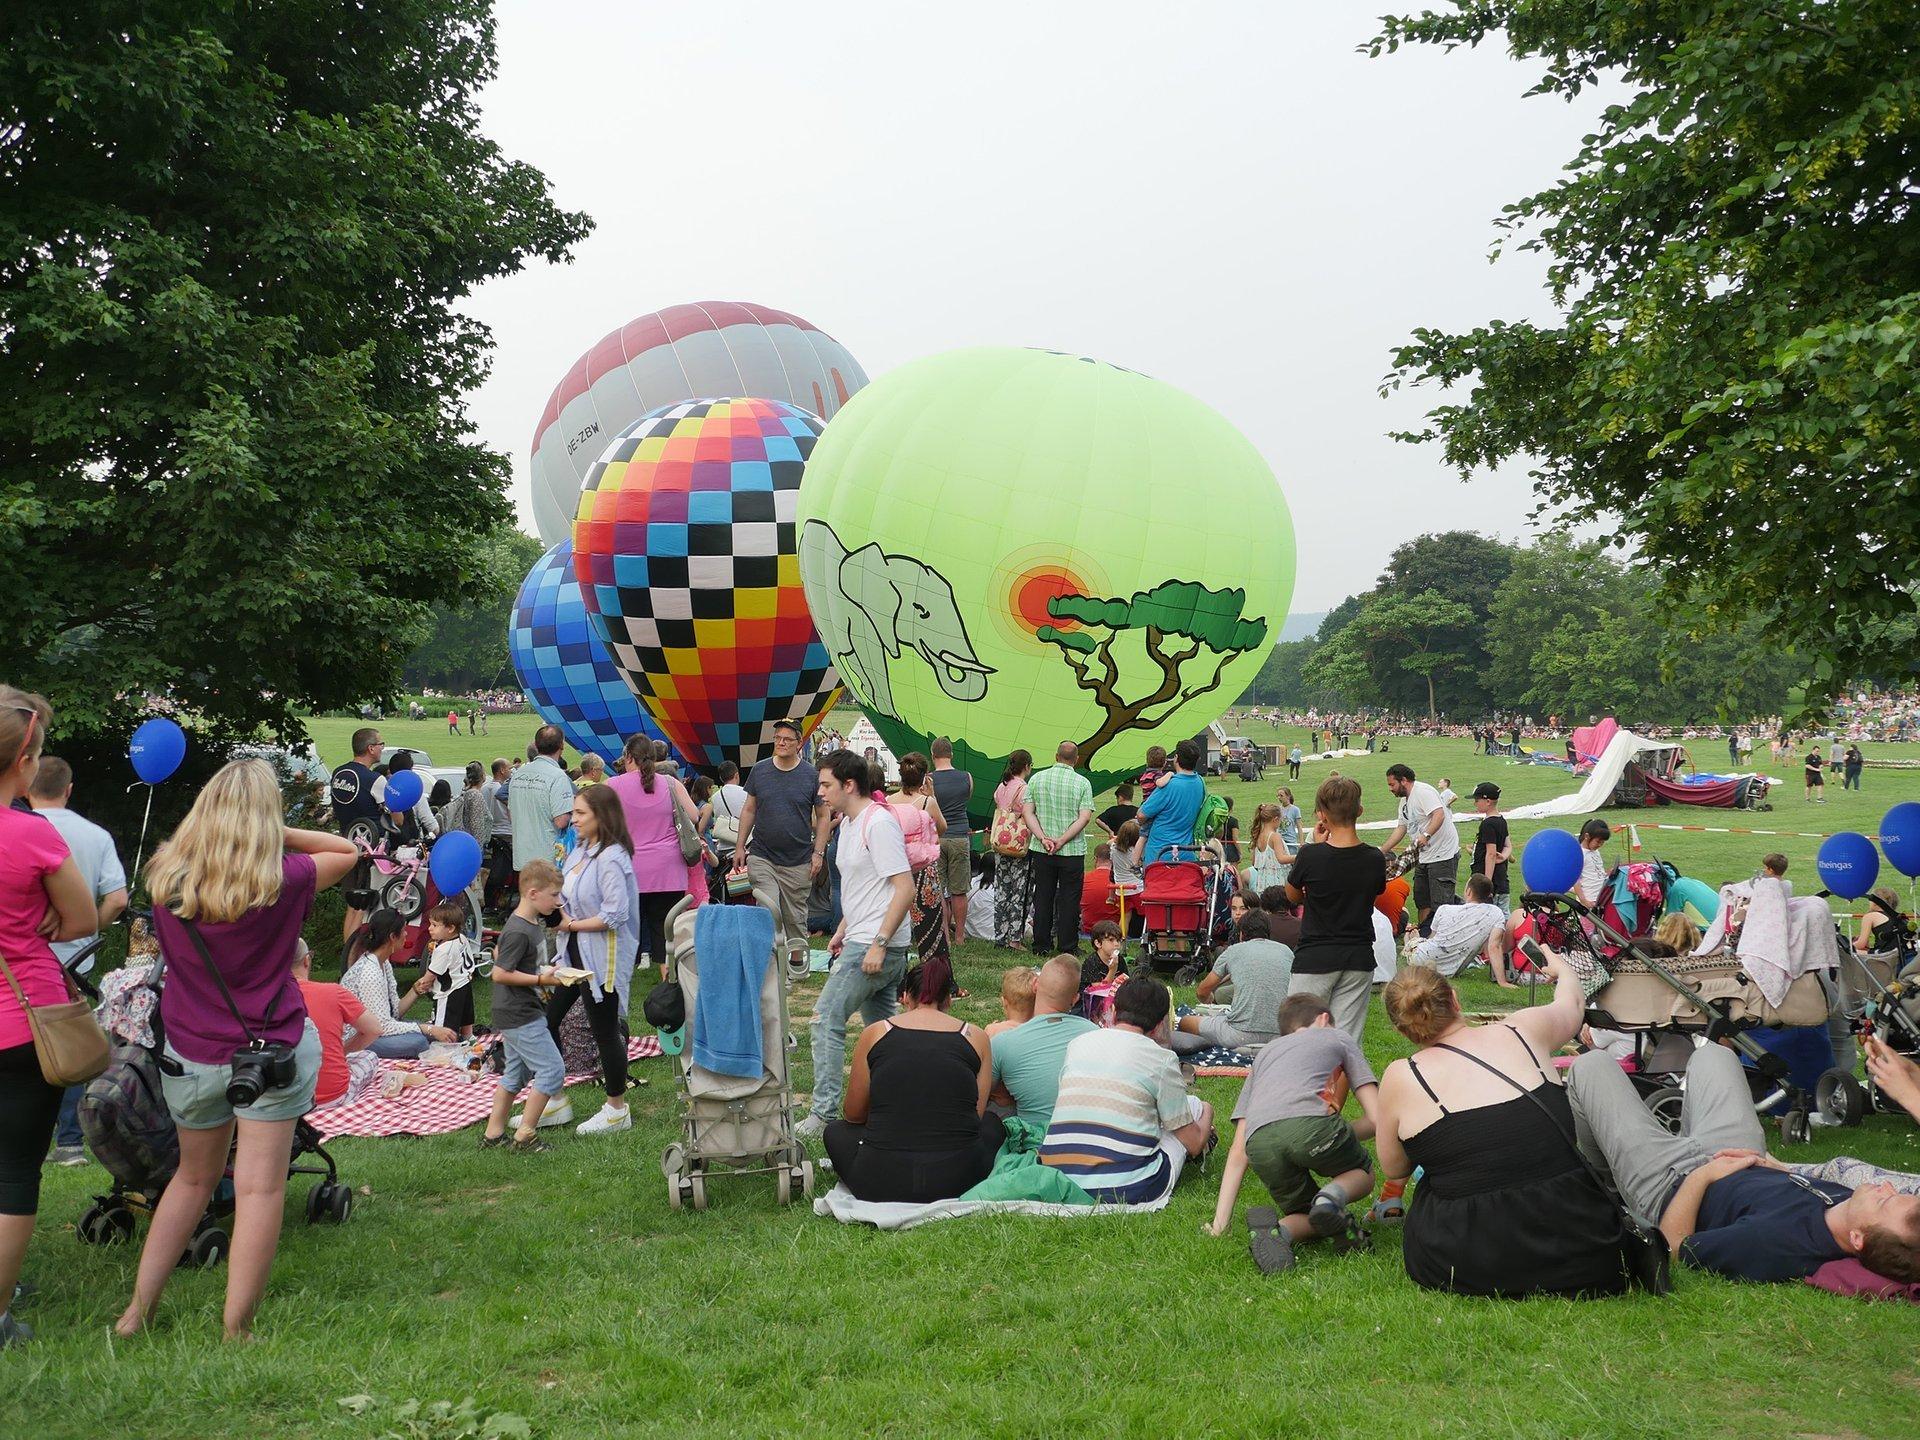 Ballonfestival Bonn in Germany - Best Season 2020